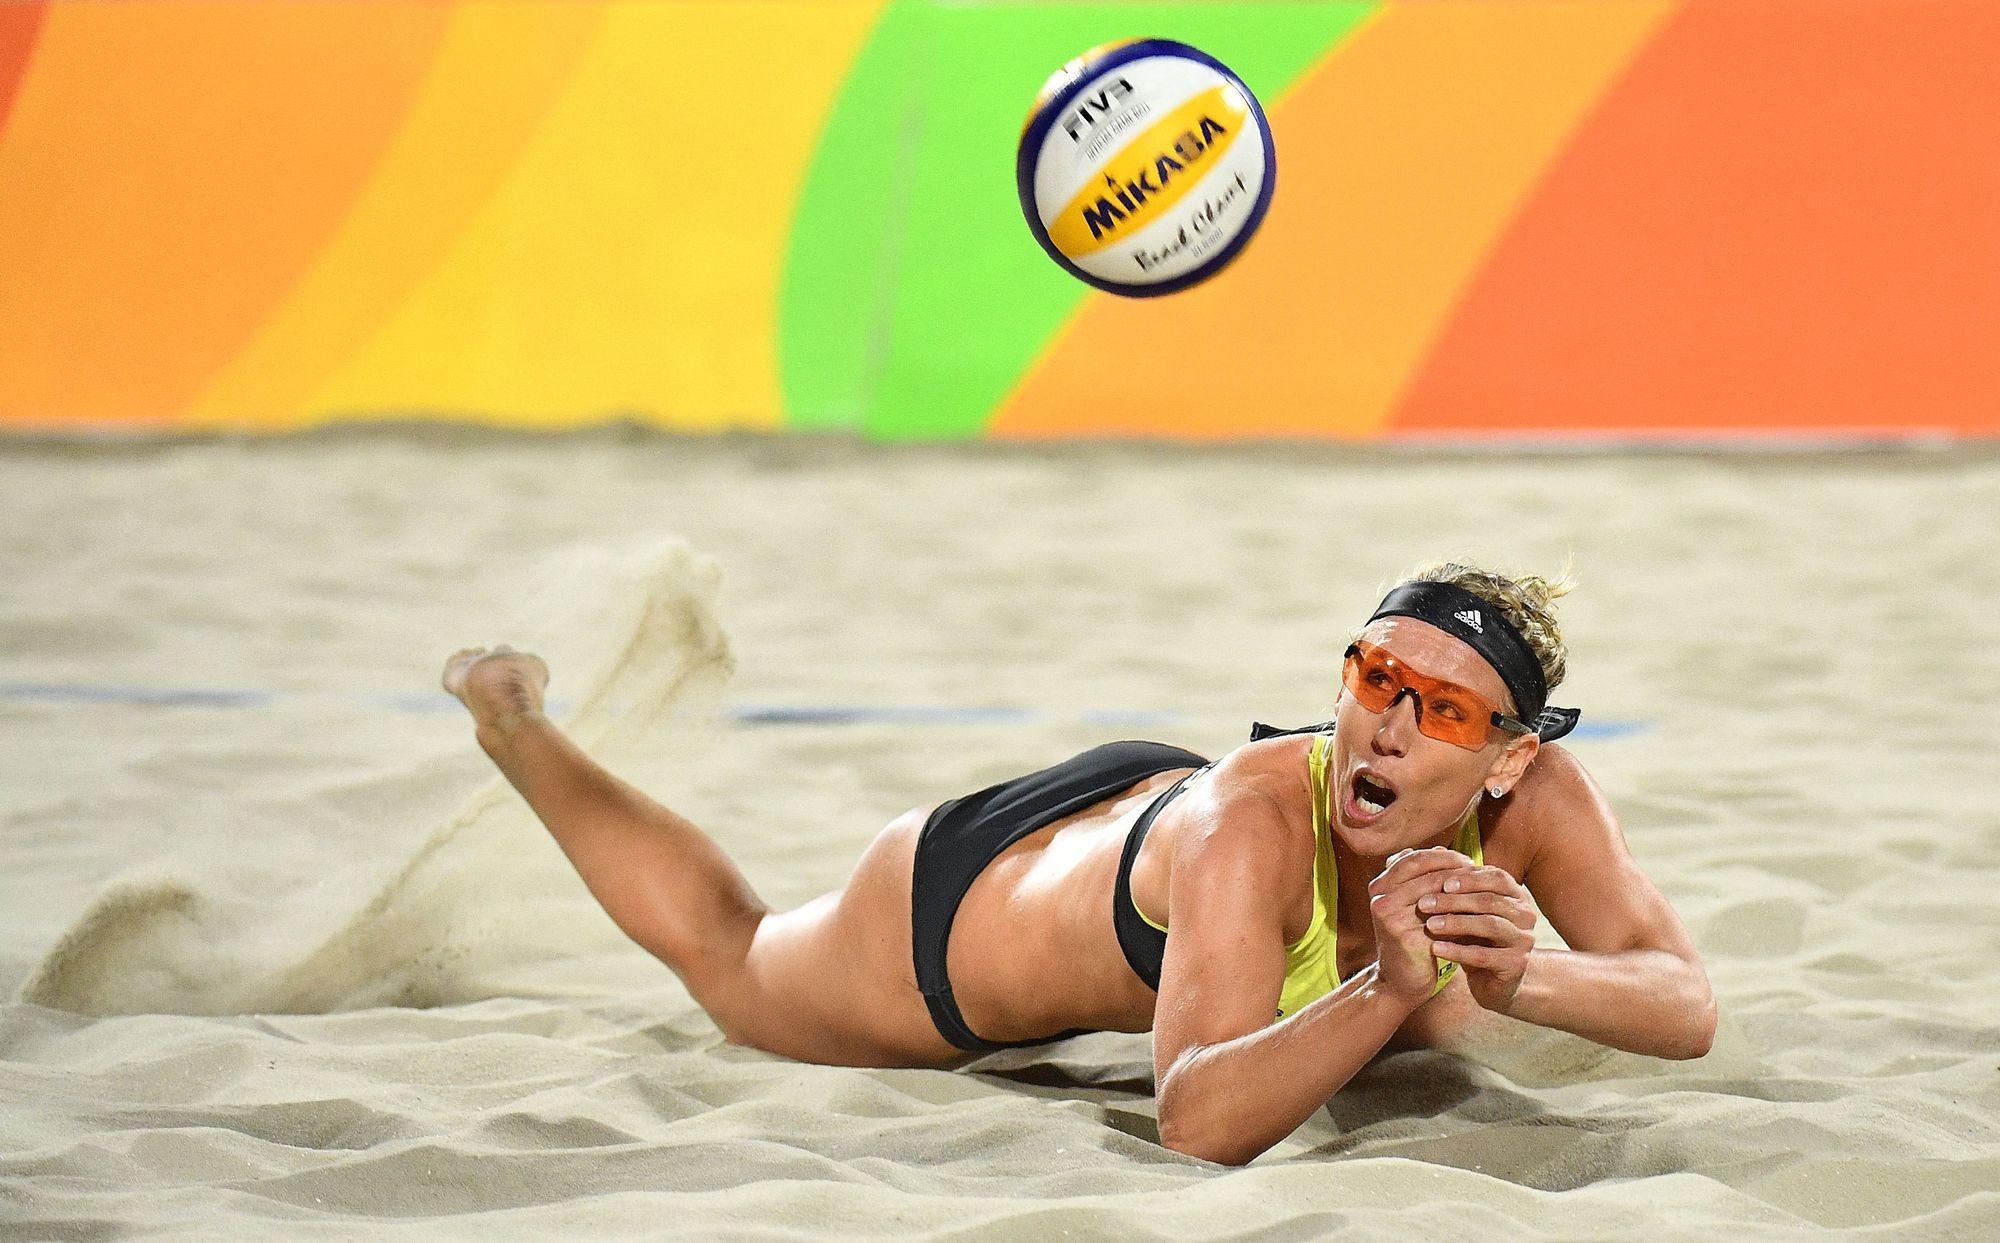 Catar finalmente autoriza los bikinis en su torneo de Vóley-Playa